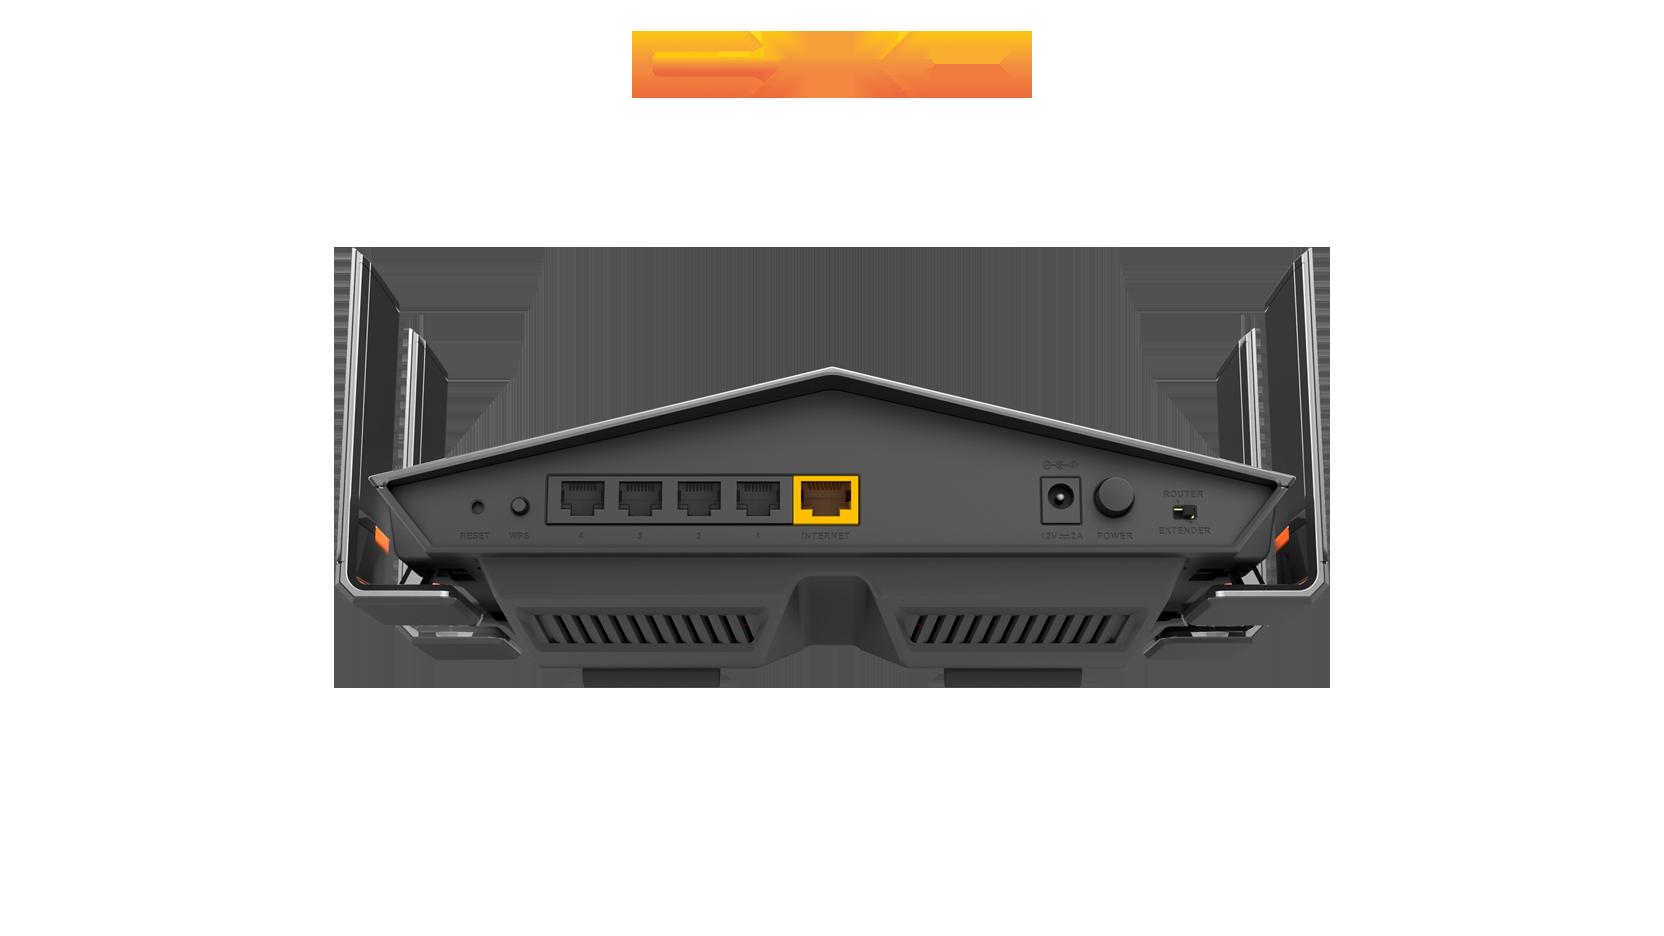 DIR-879 EXO AC1900 Wi-Fi Router | D-Link